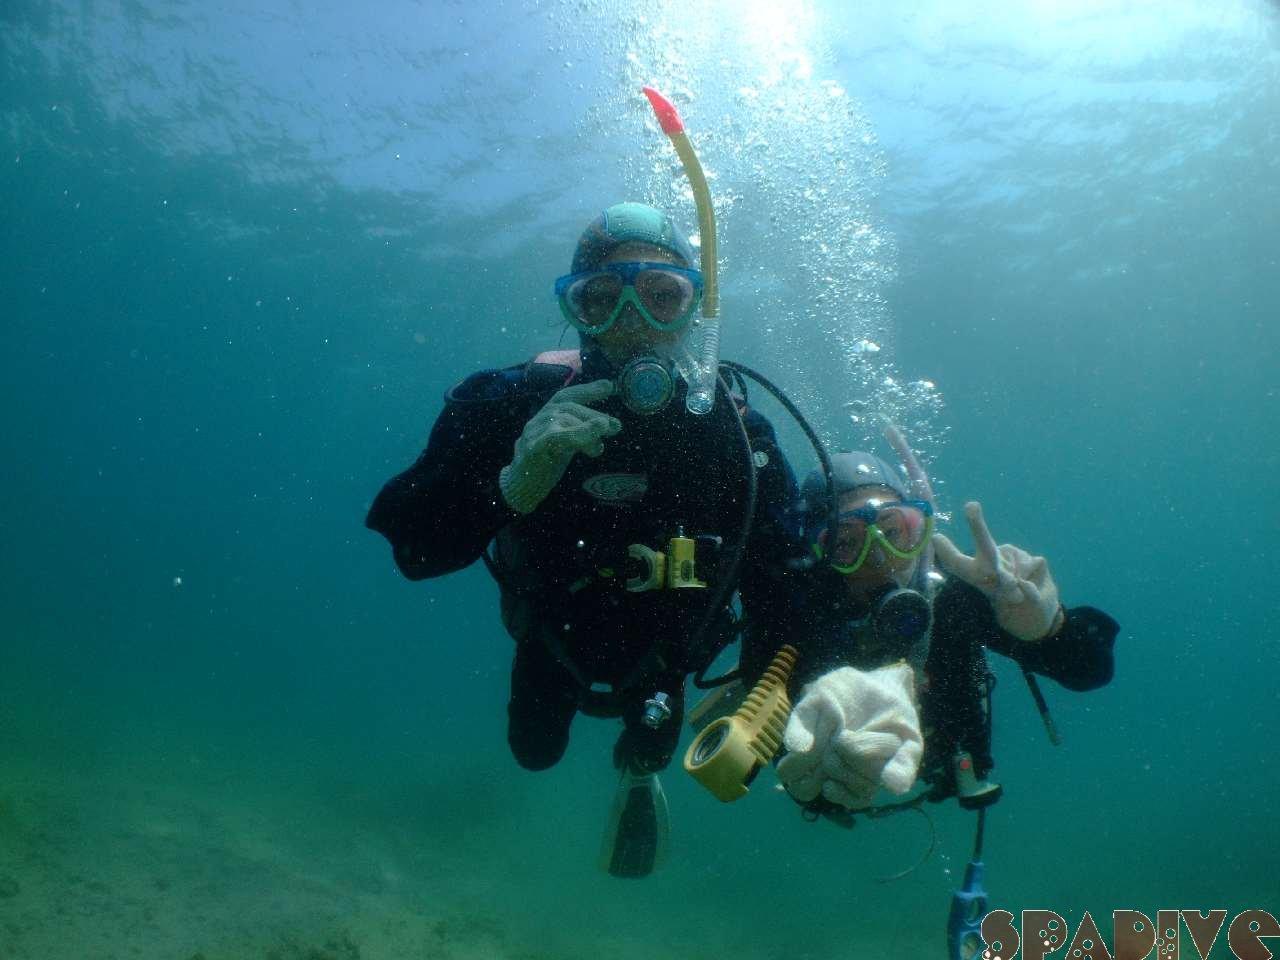 2009年3月撮影海フォトギャラリー 南紀白浜スパダイブ